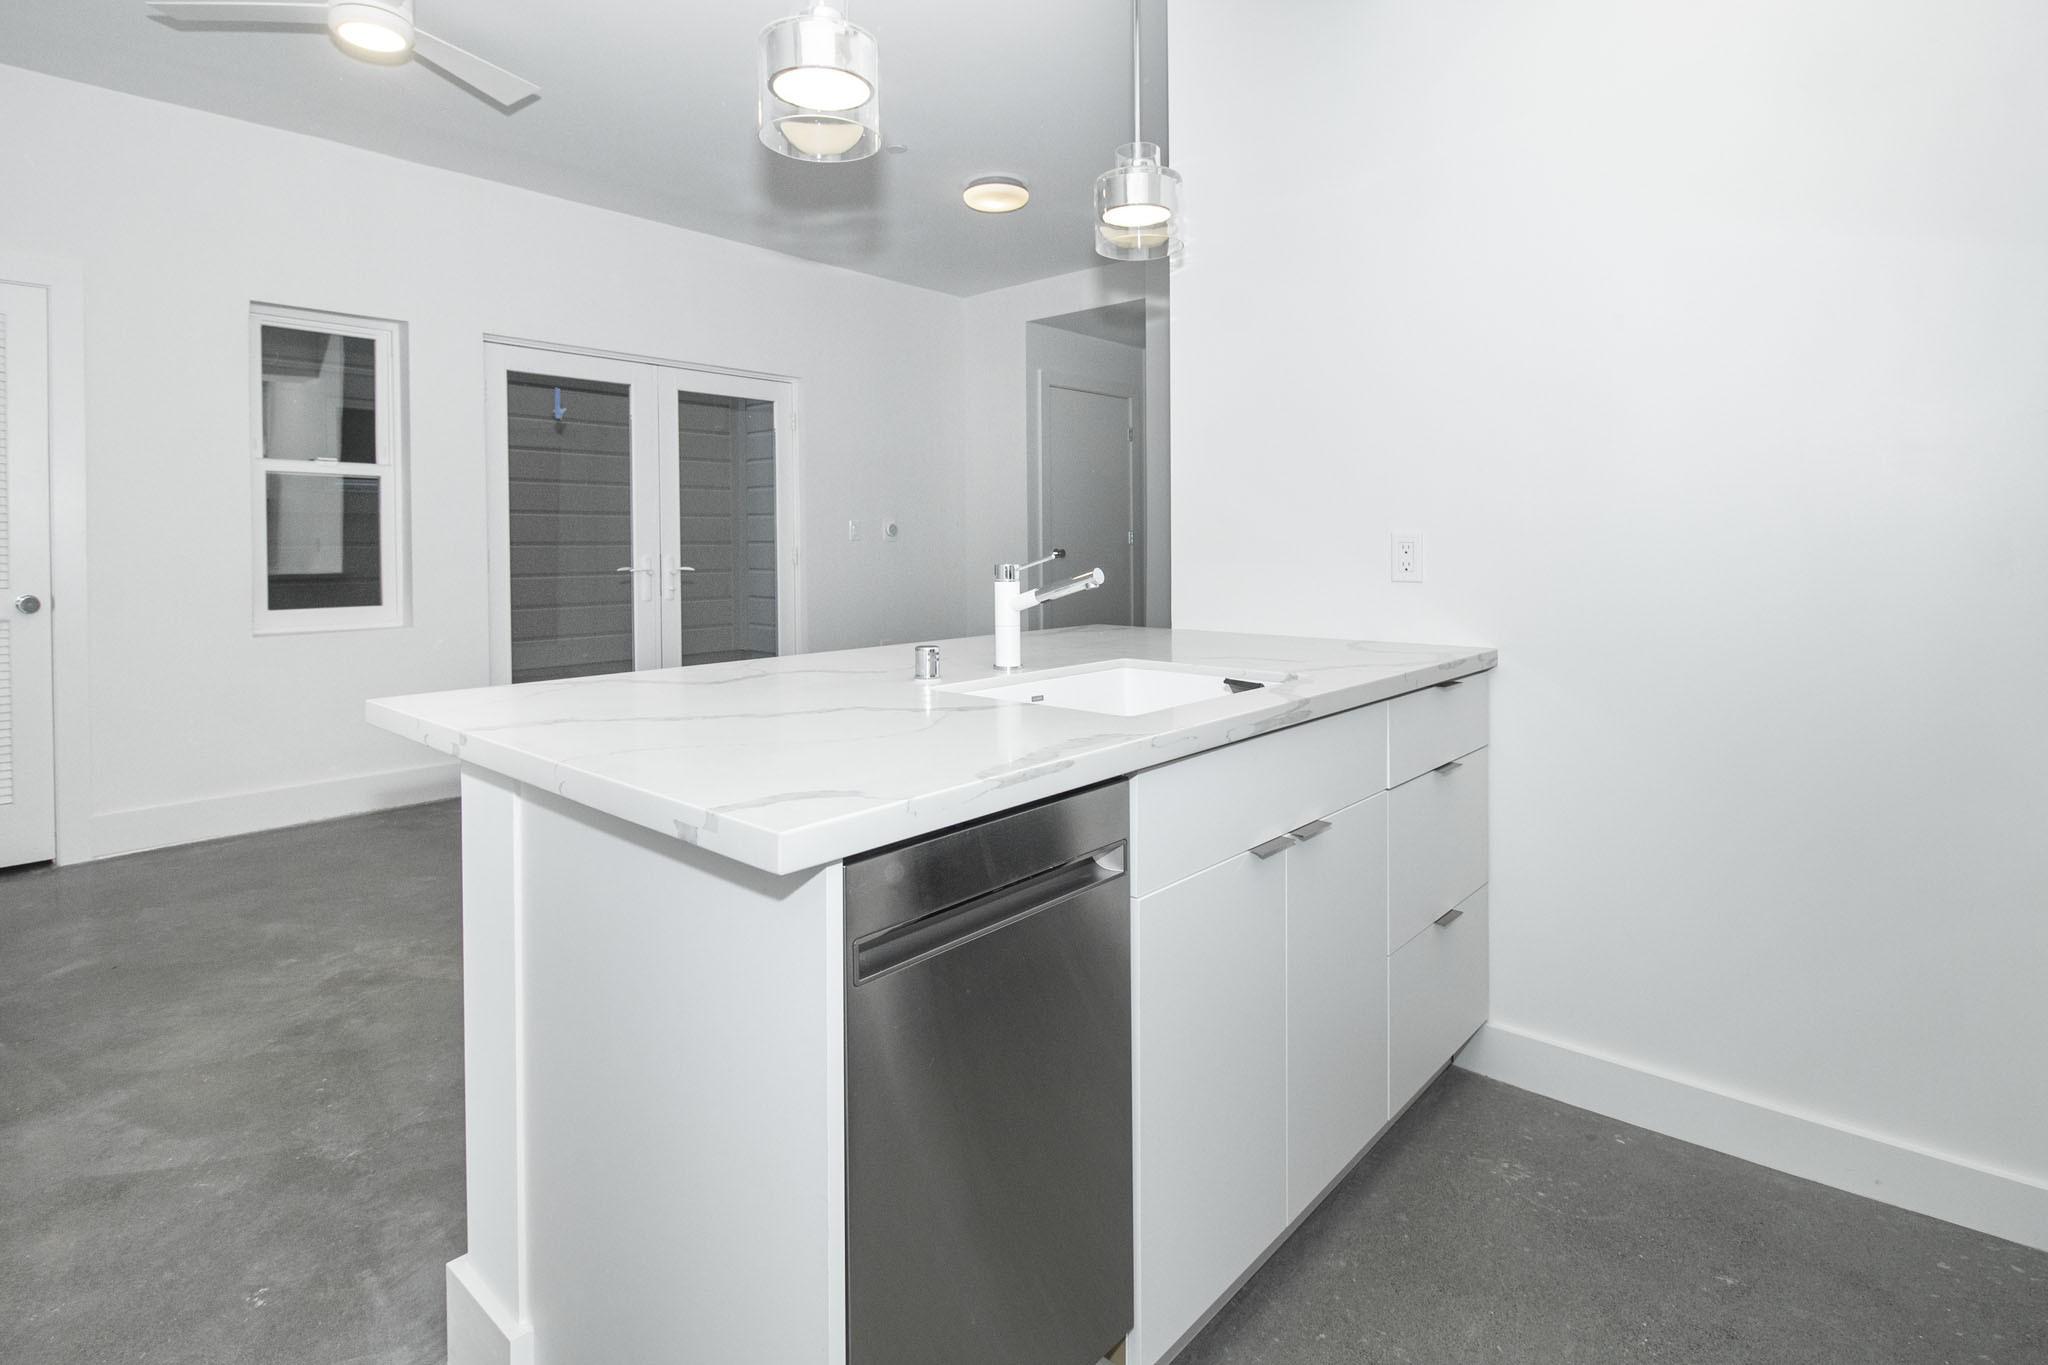 65 BUENA VISTA AVENUE EAST Apartments